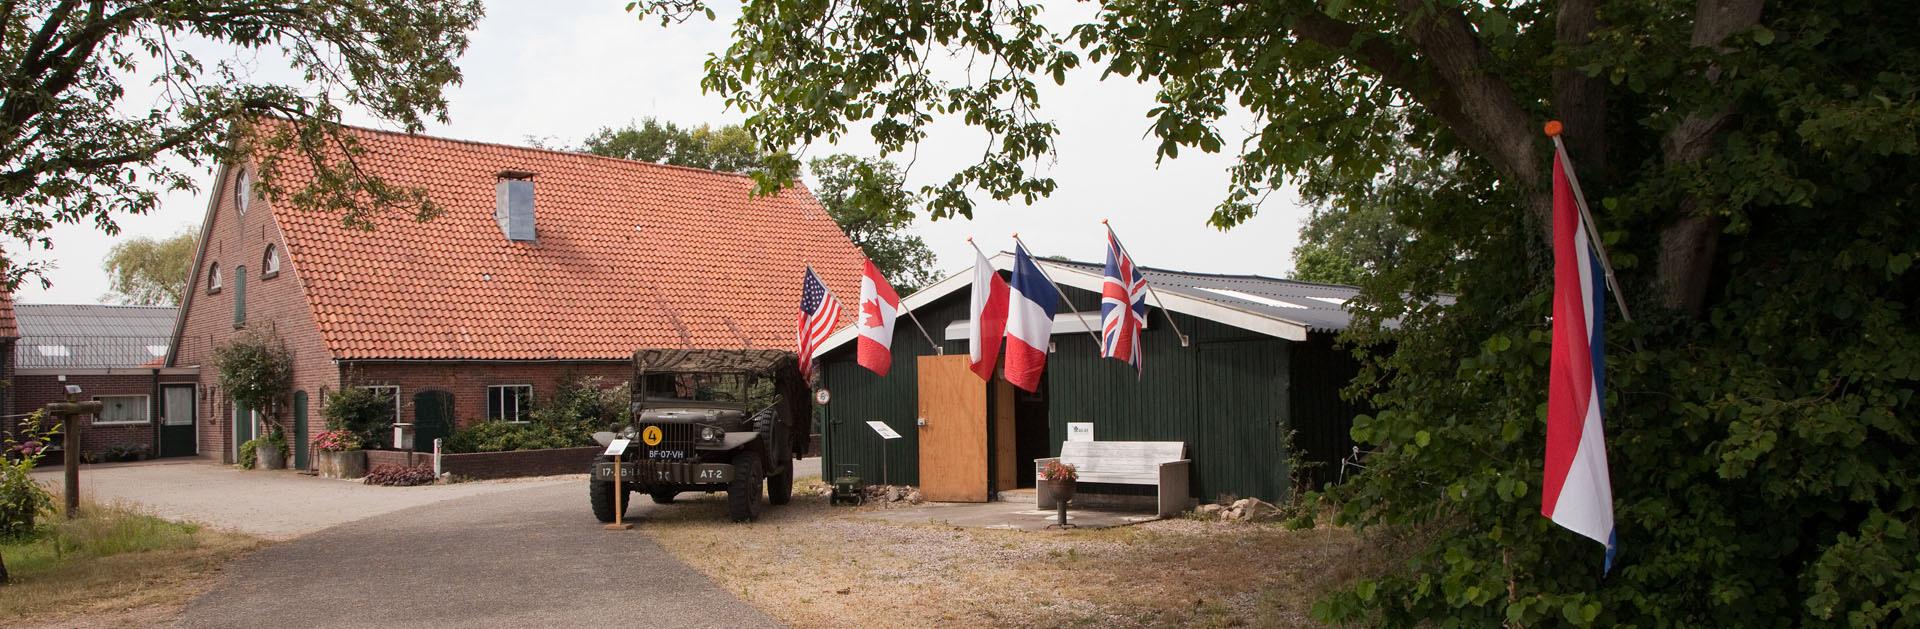 Oorlogs collectie 40-45 Aalten - Aalten